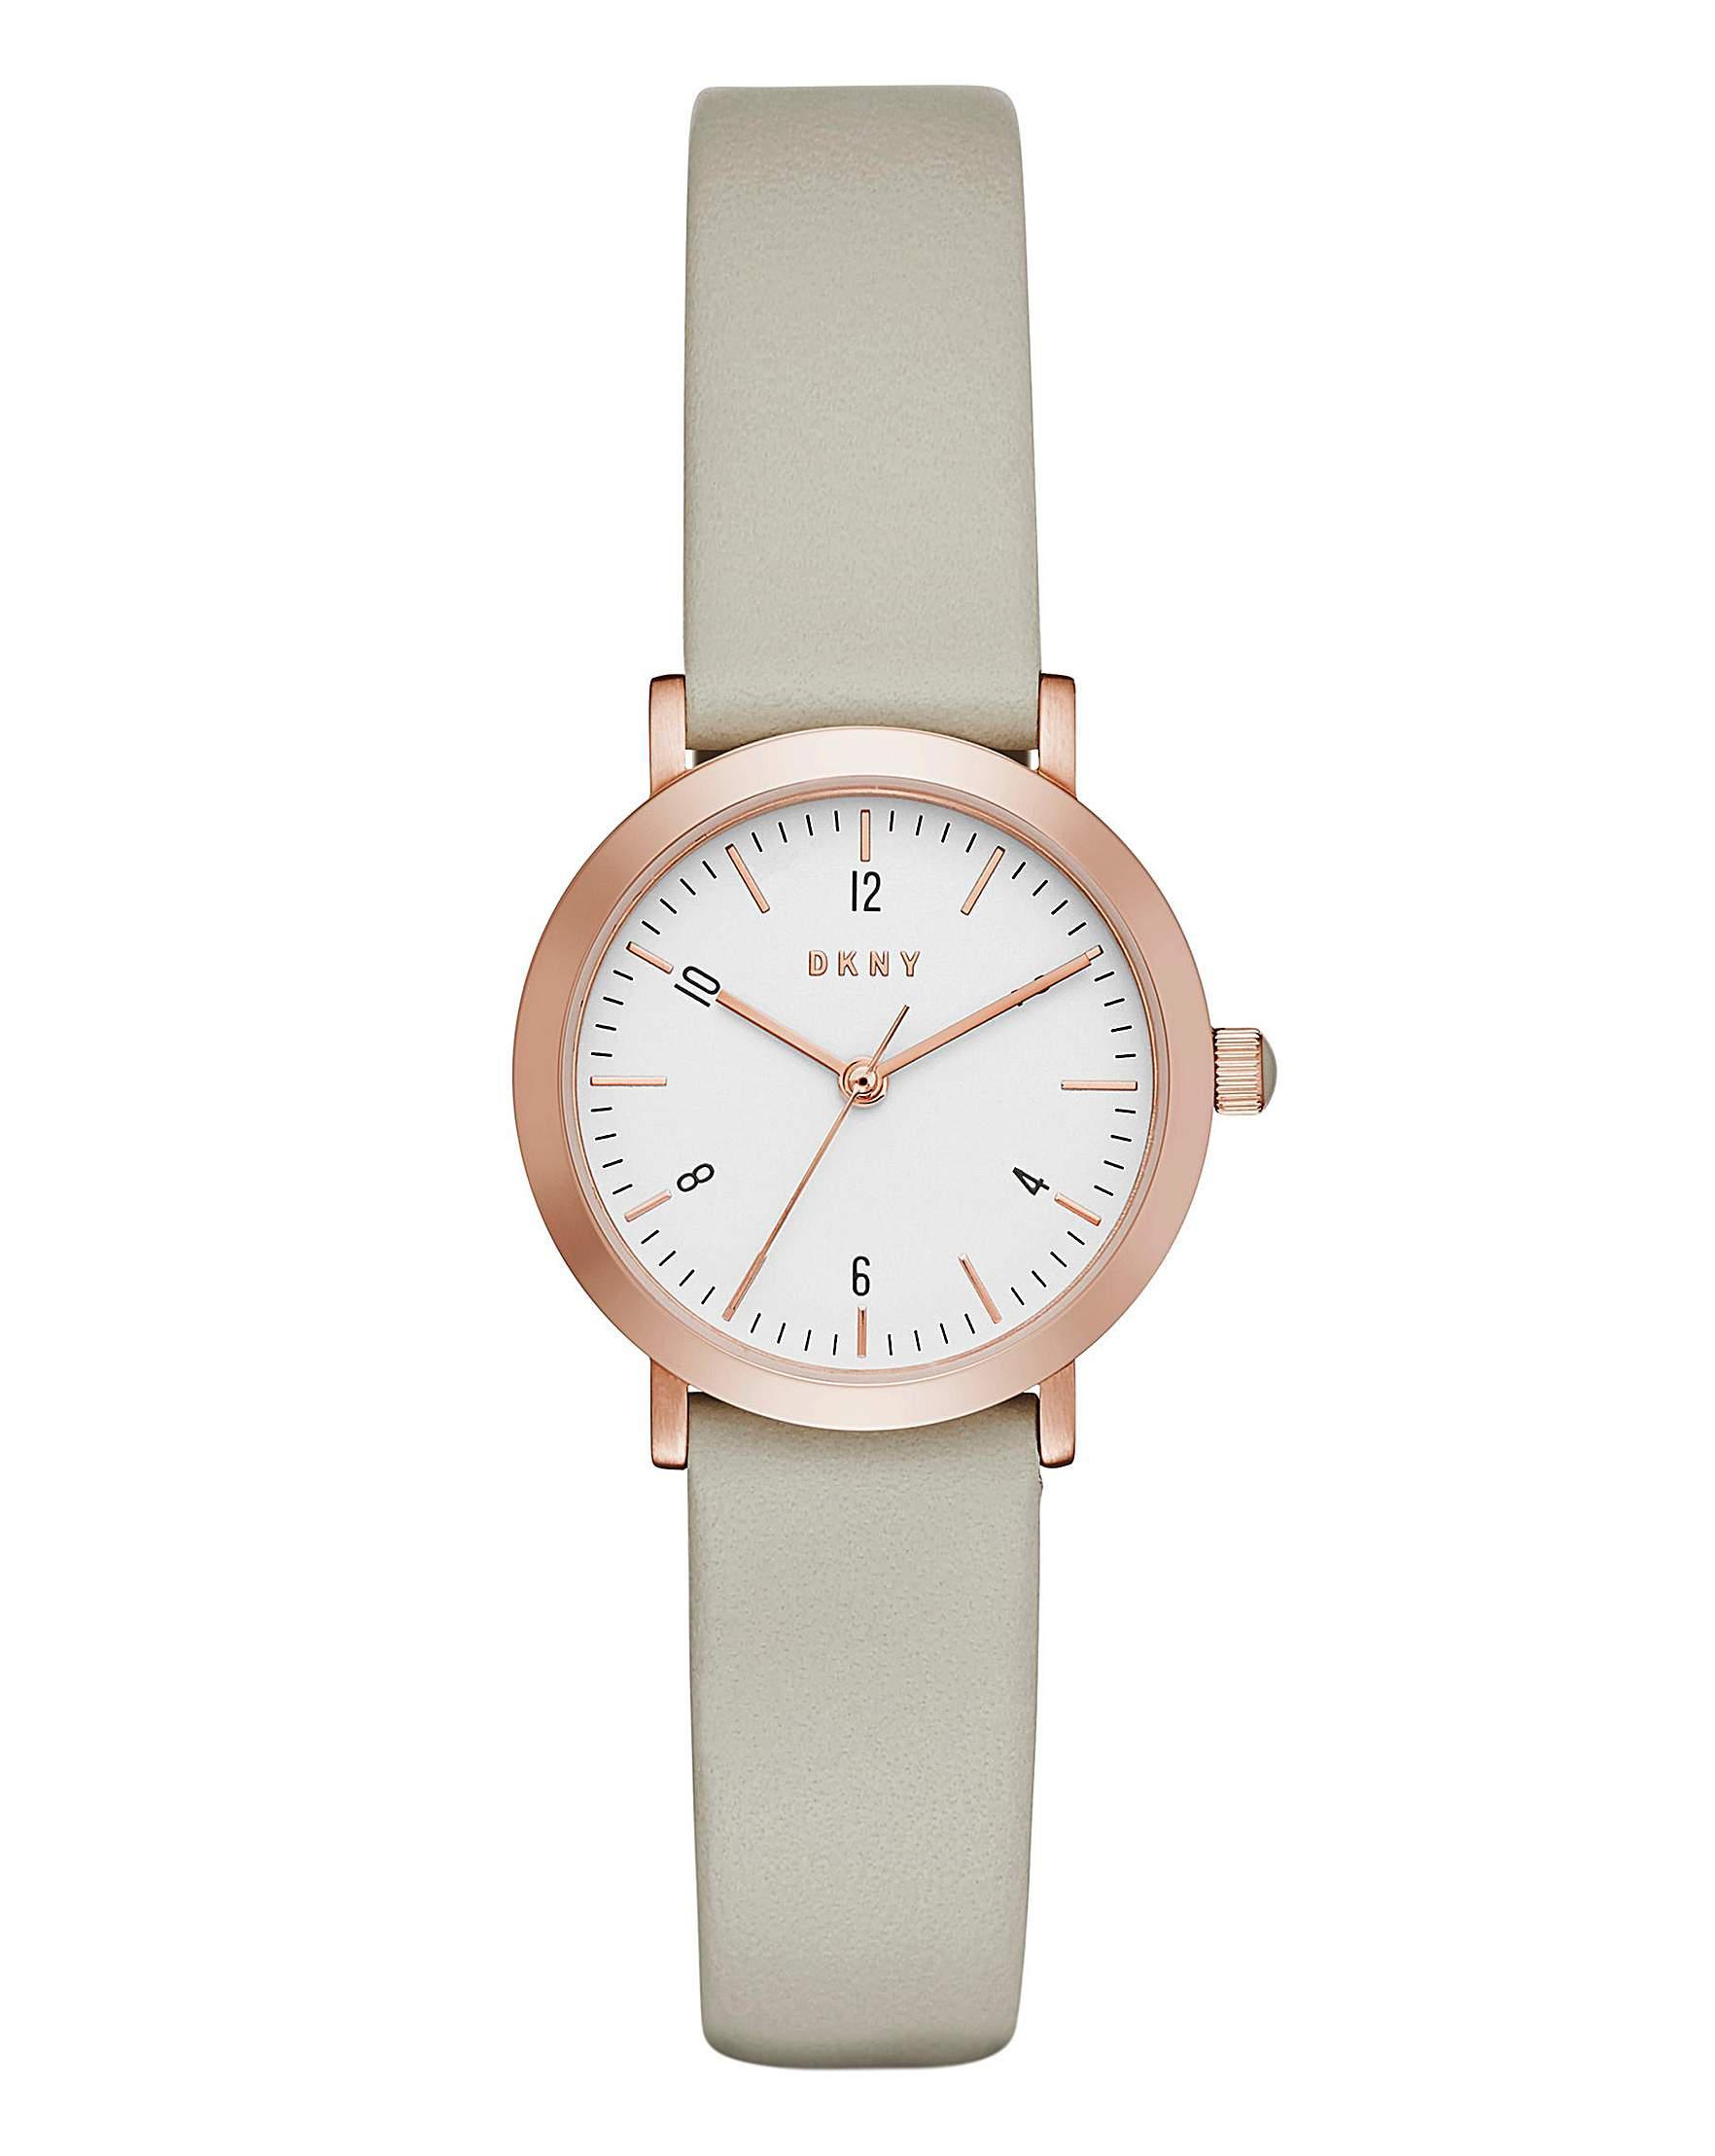 Boss By Hugo Boss Dkny Ladies Minetta Watch in Metallic - Lyst 86e6212db03